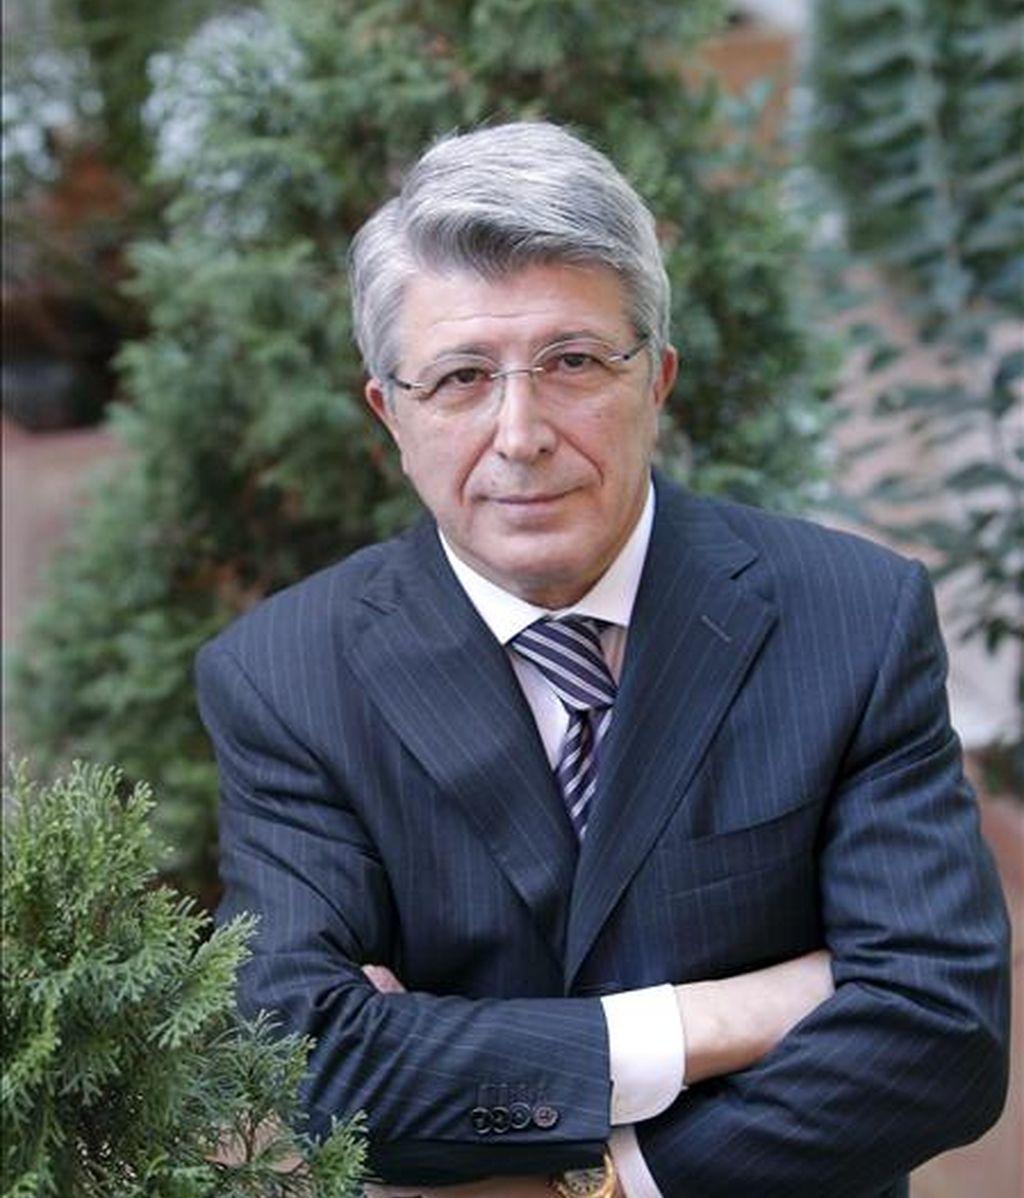 El presidente del Atlético de Madrid, Enrique Cerezo. EFE/Archivo